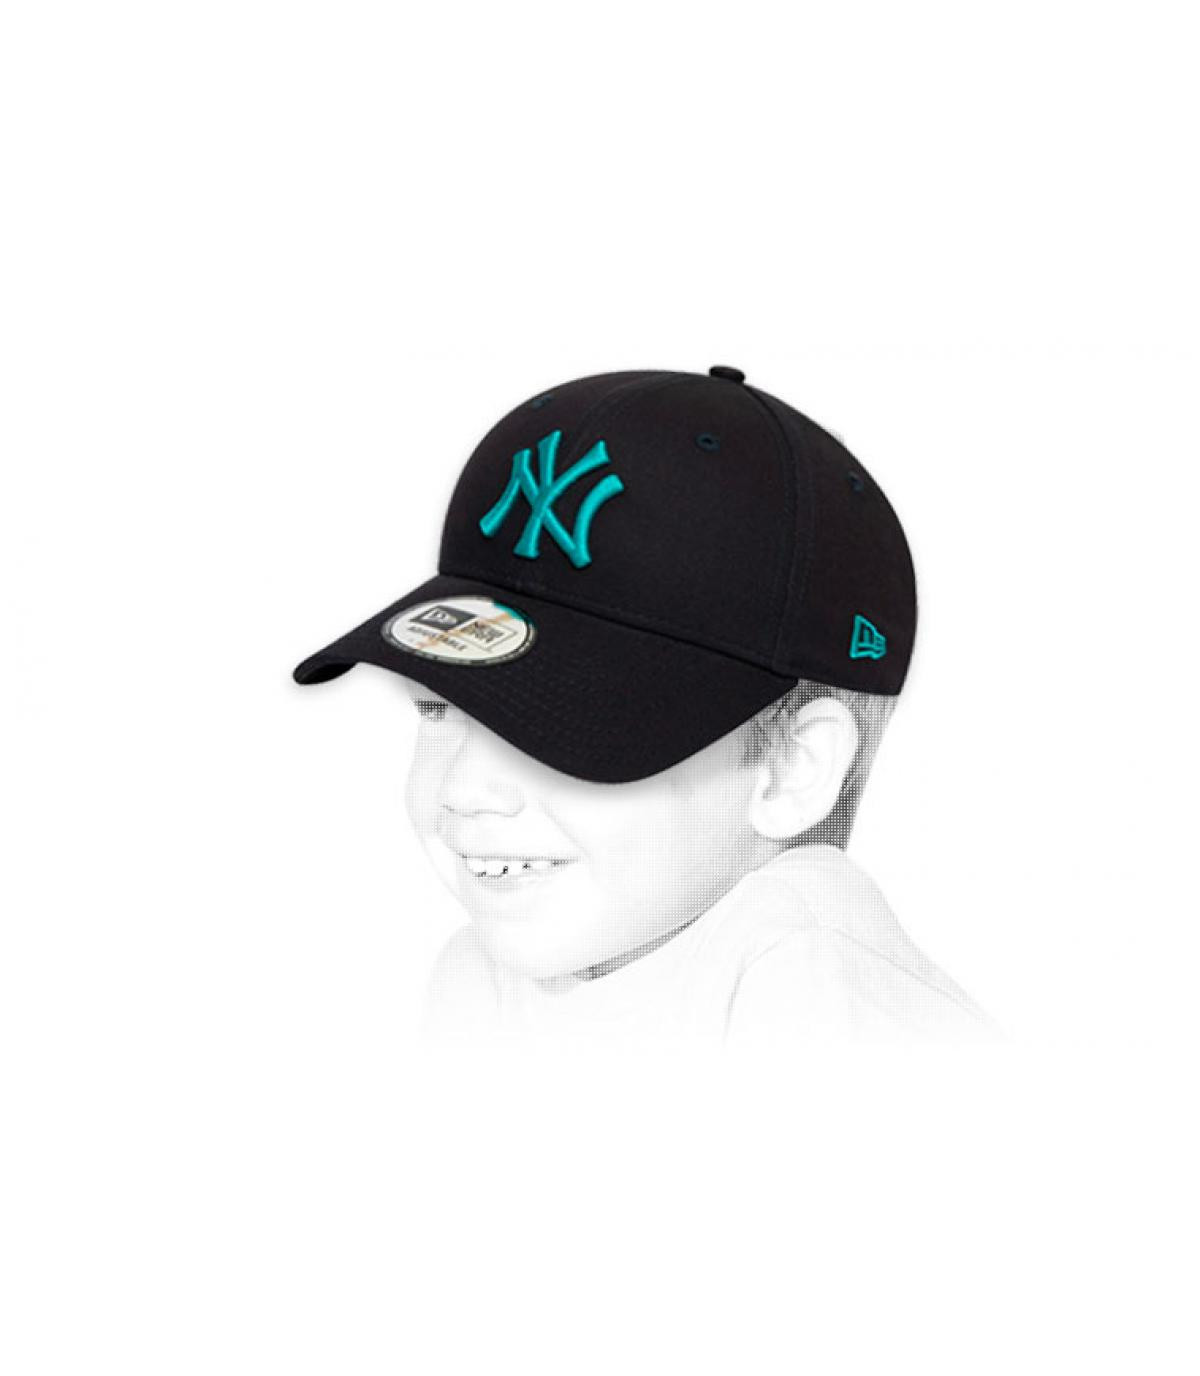 NY blauwe kindermuts